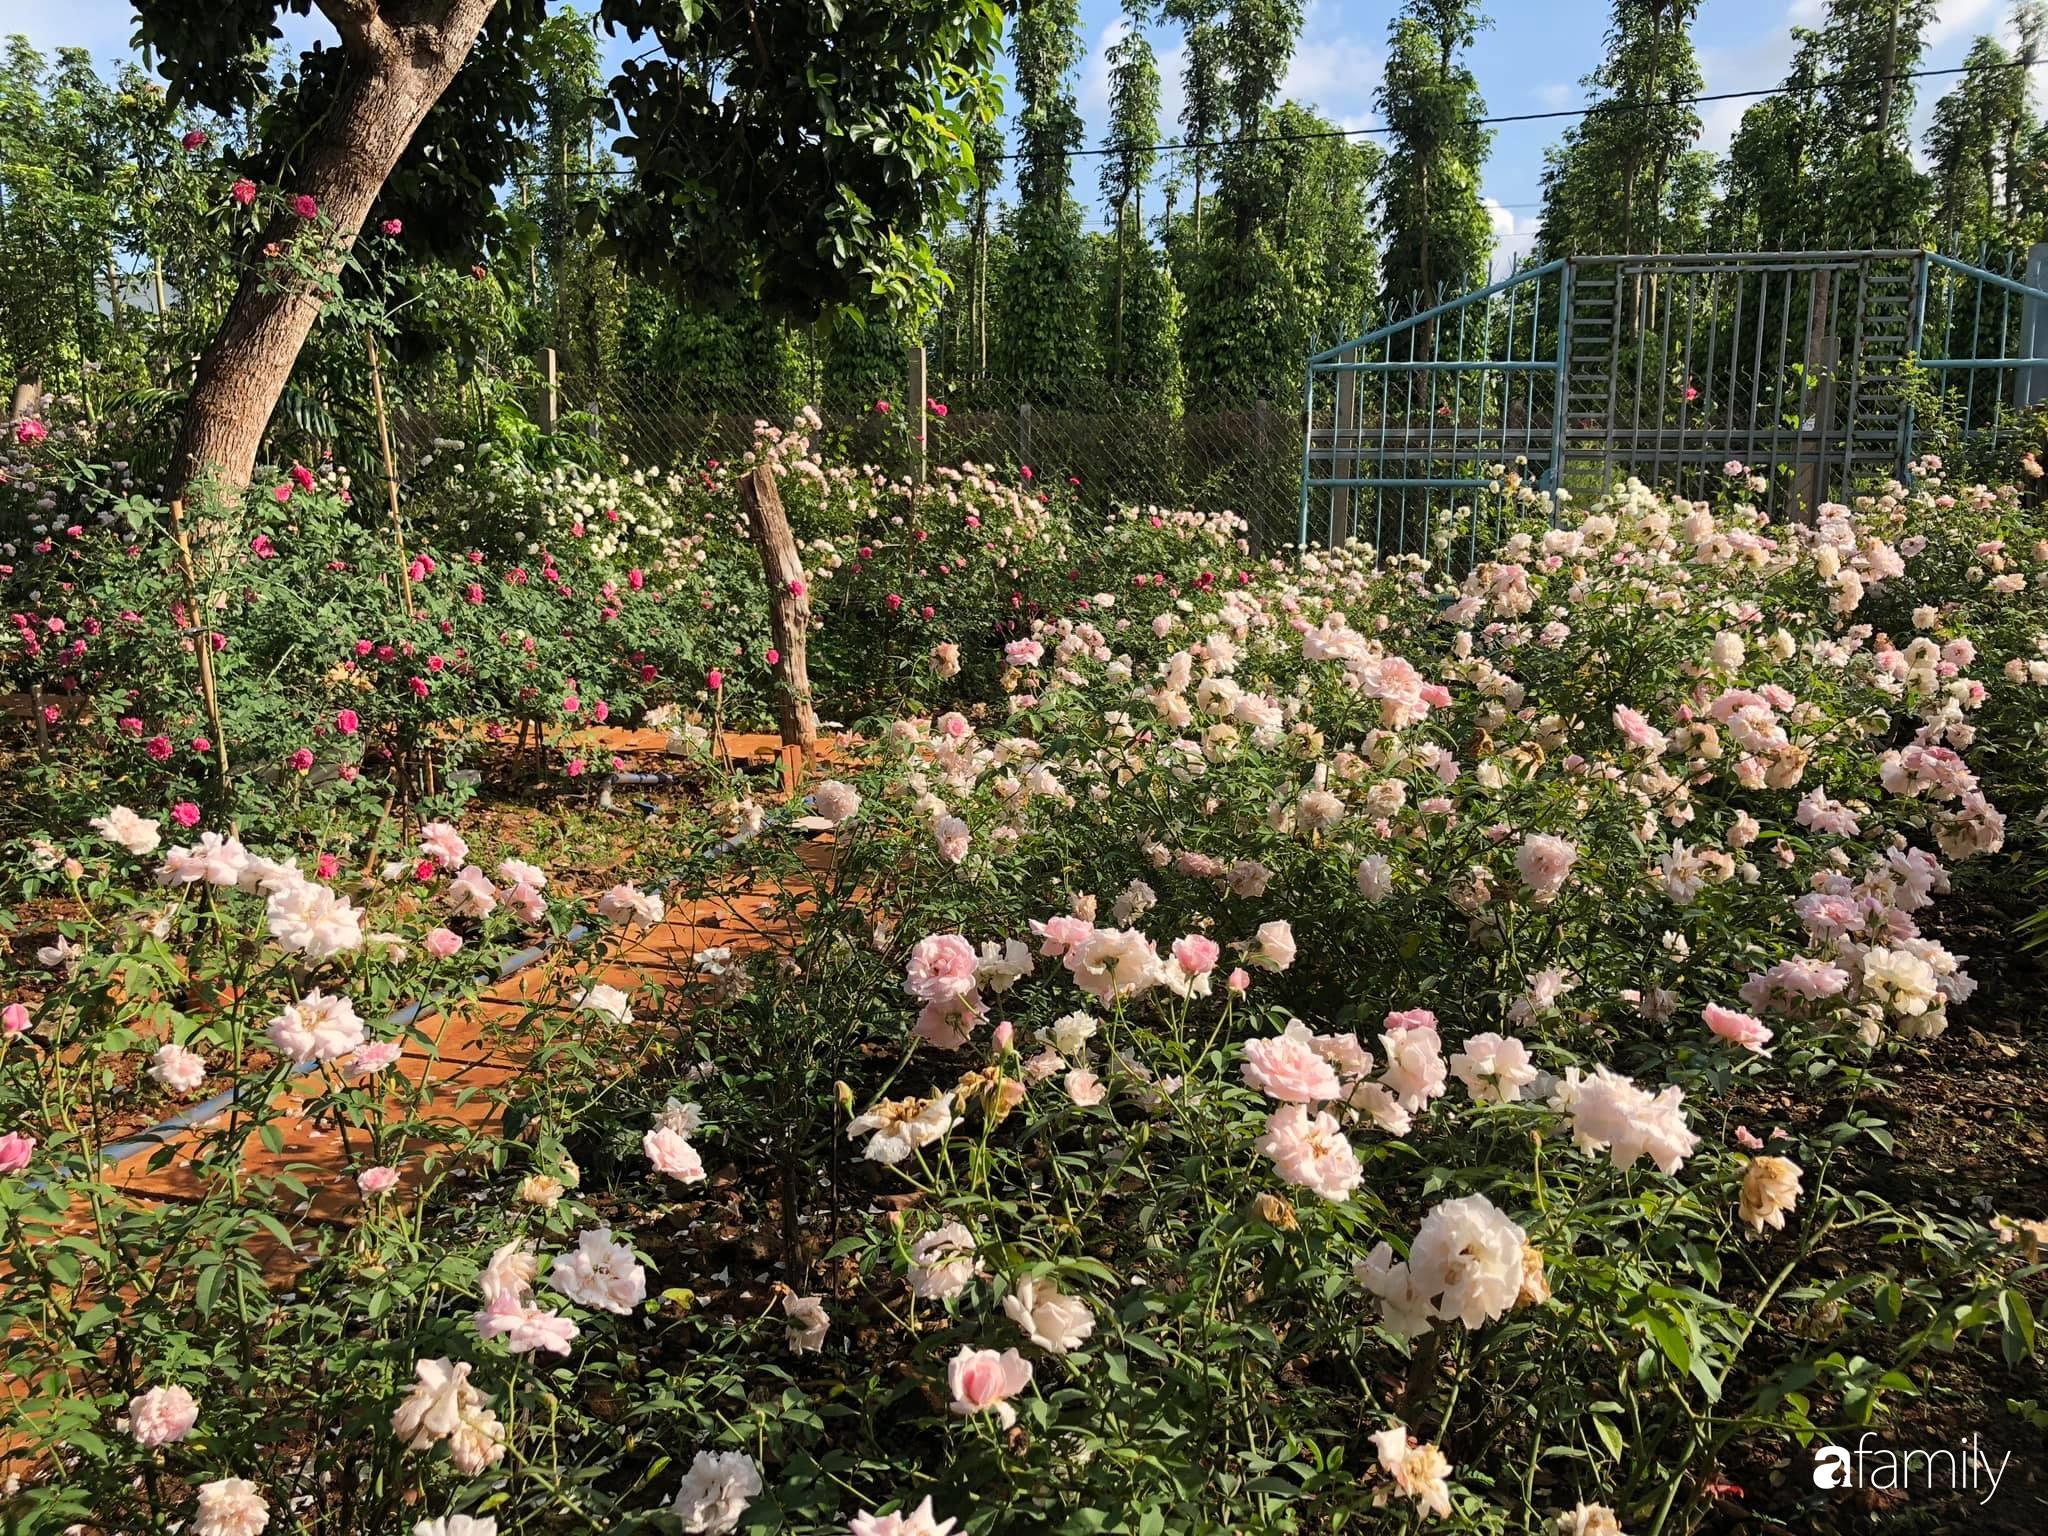 Khu vườn hoa hồng đẹp như cổ tích mà người chồng ngày đêm chăm sóc để tặng vợ con ở Vũng Tàu-5